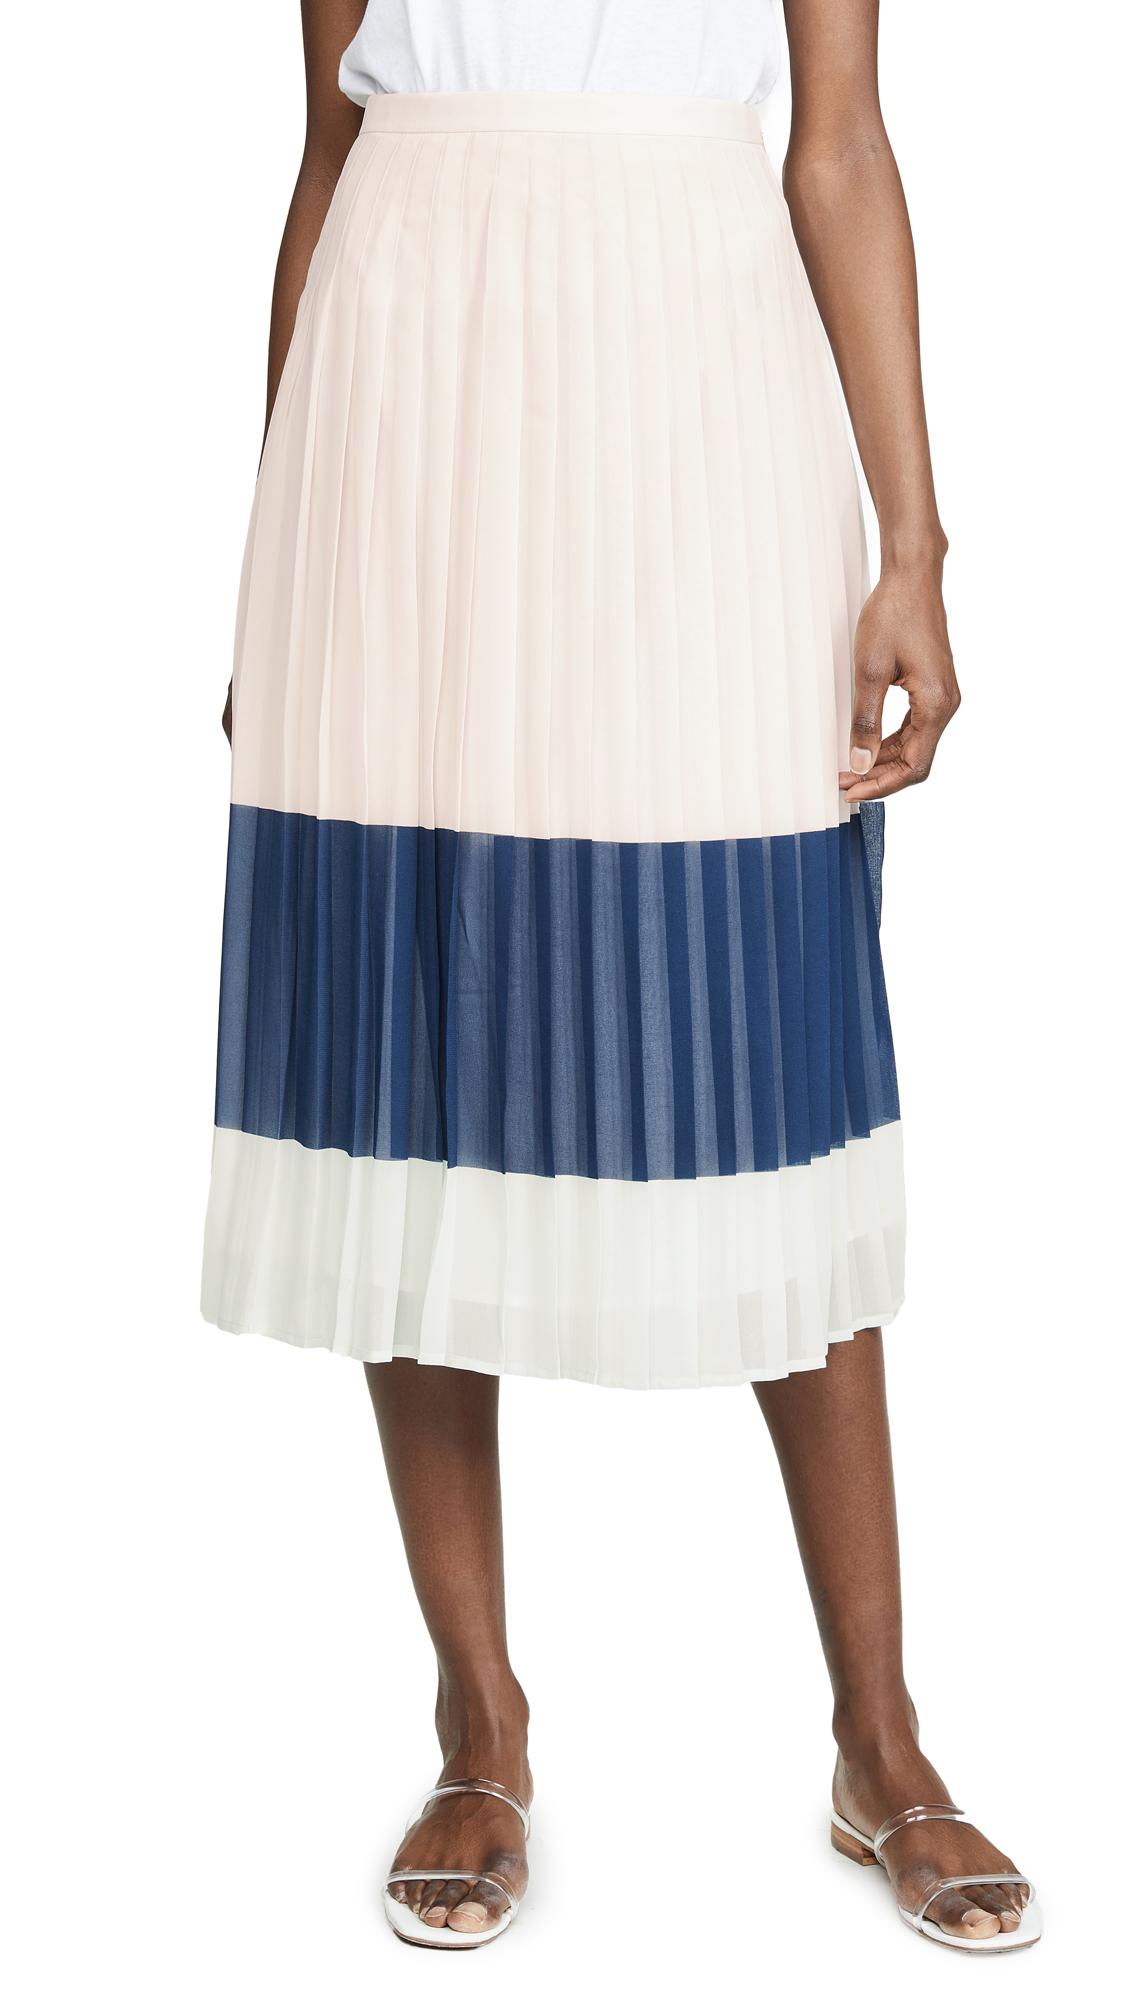 Club Monaco Majida Skirt - Multi Stripe